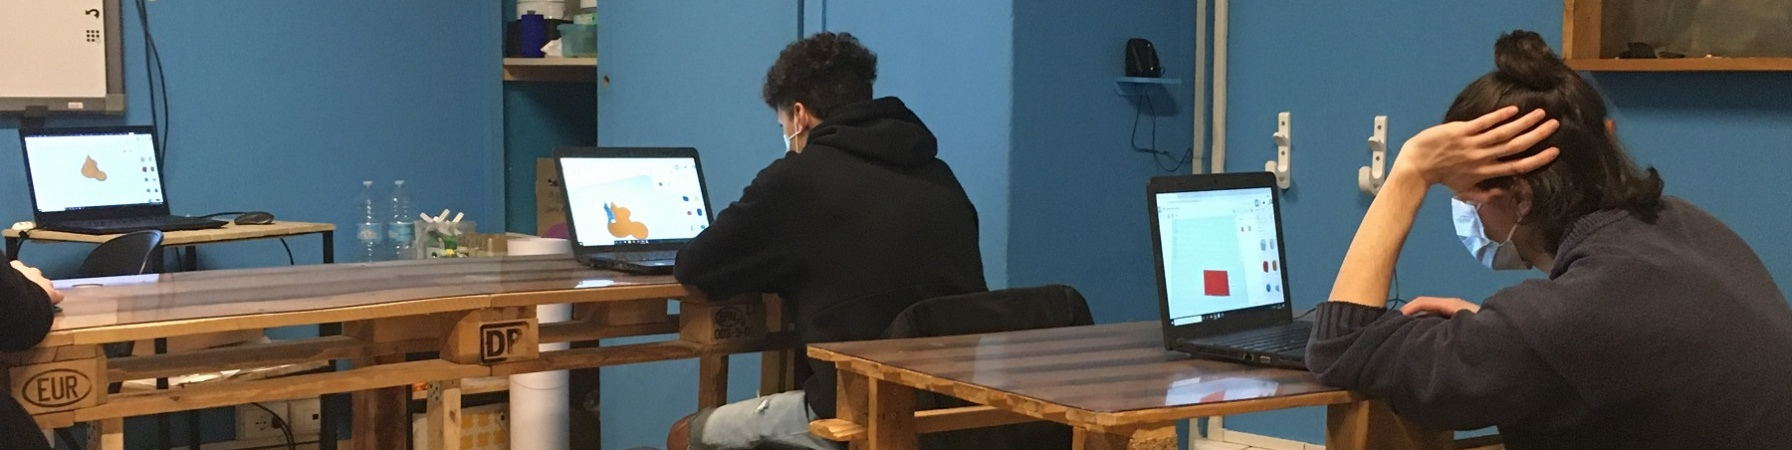 Stanza con tavoli di legno a cui sono seduti due ragazzi adolescenti al computer e ripresi di spalle. Indossano entrambi felpe di colore scuro.